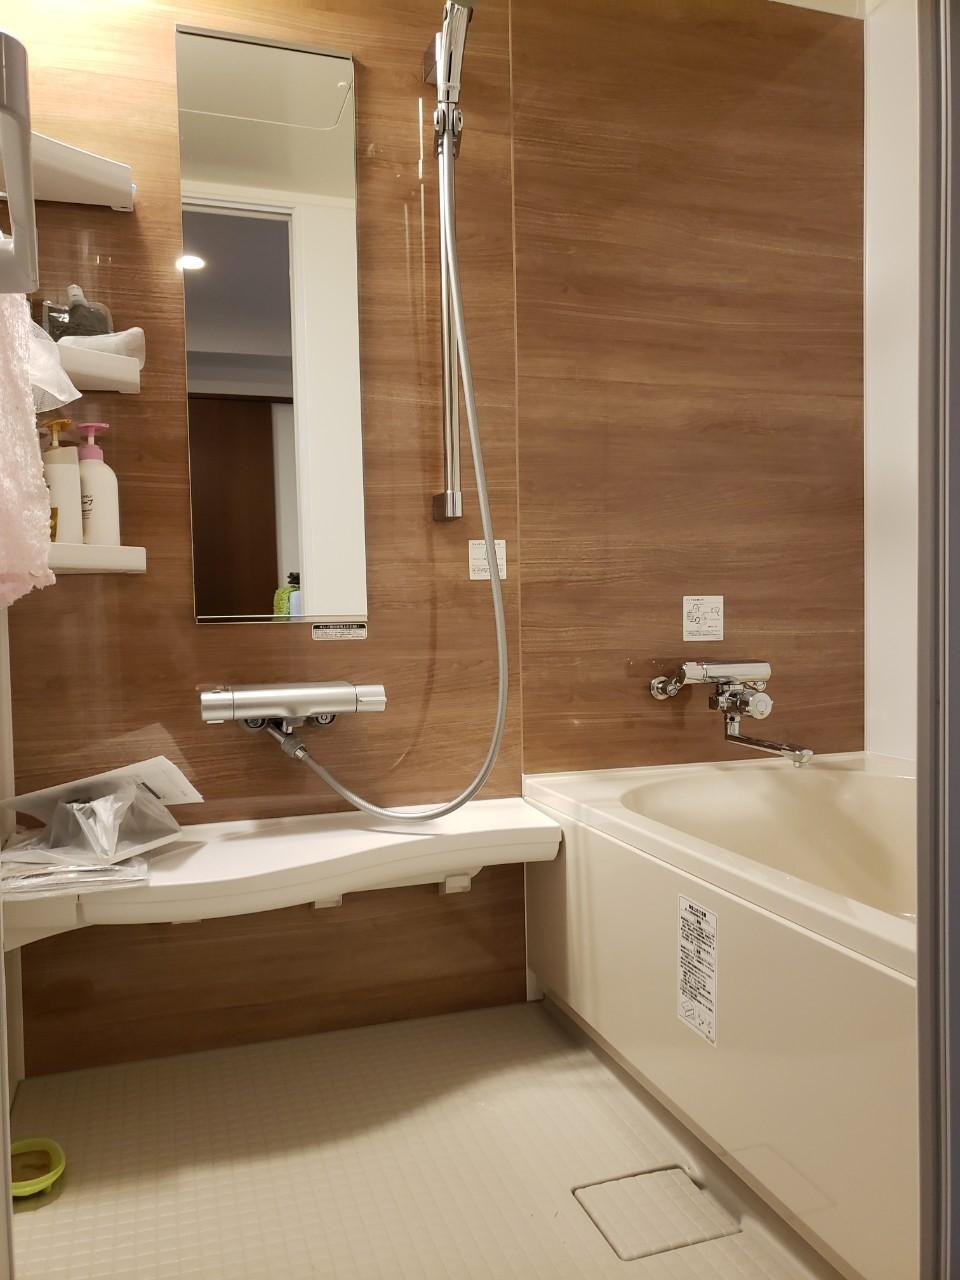 M様邸浴室施工後